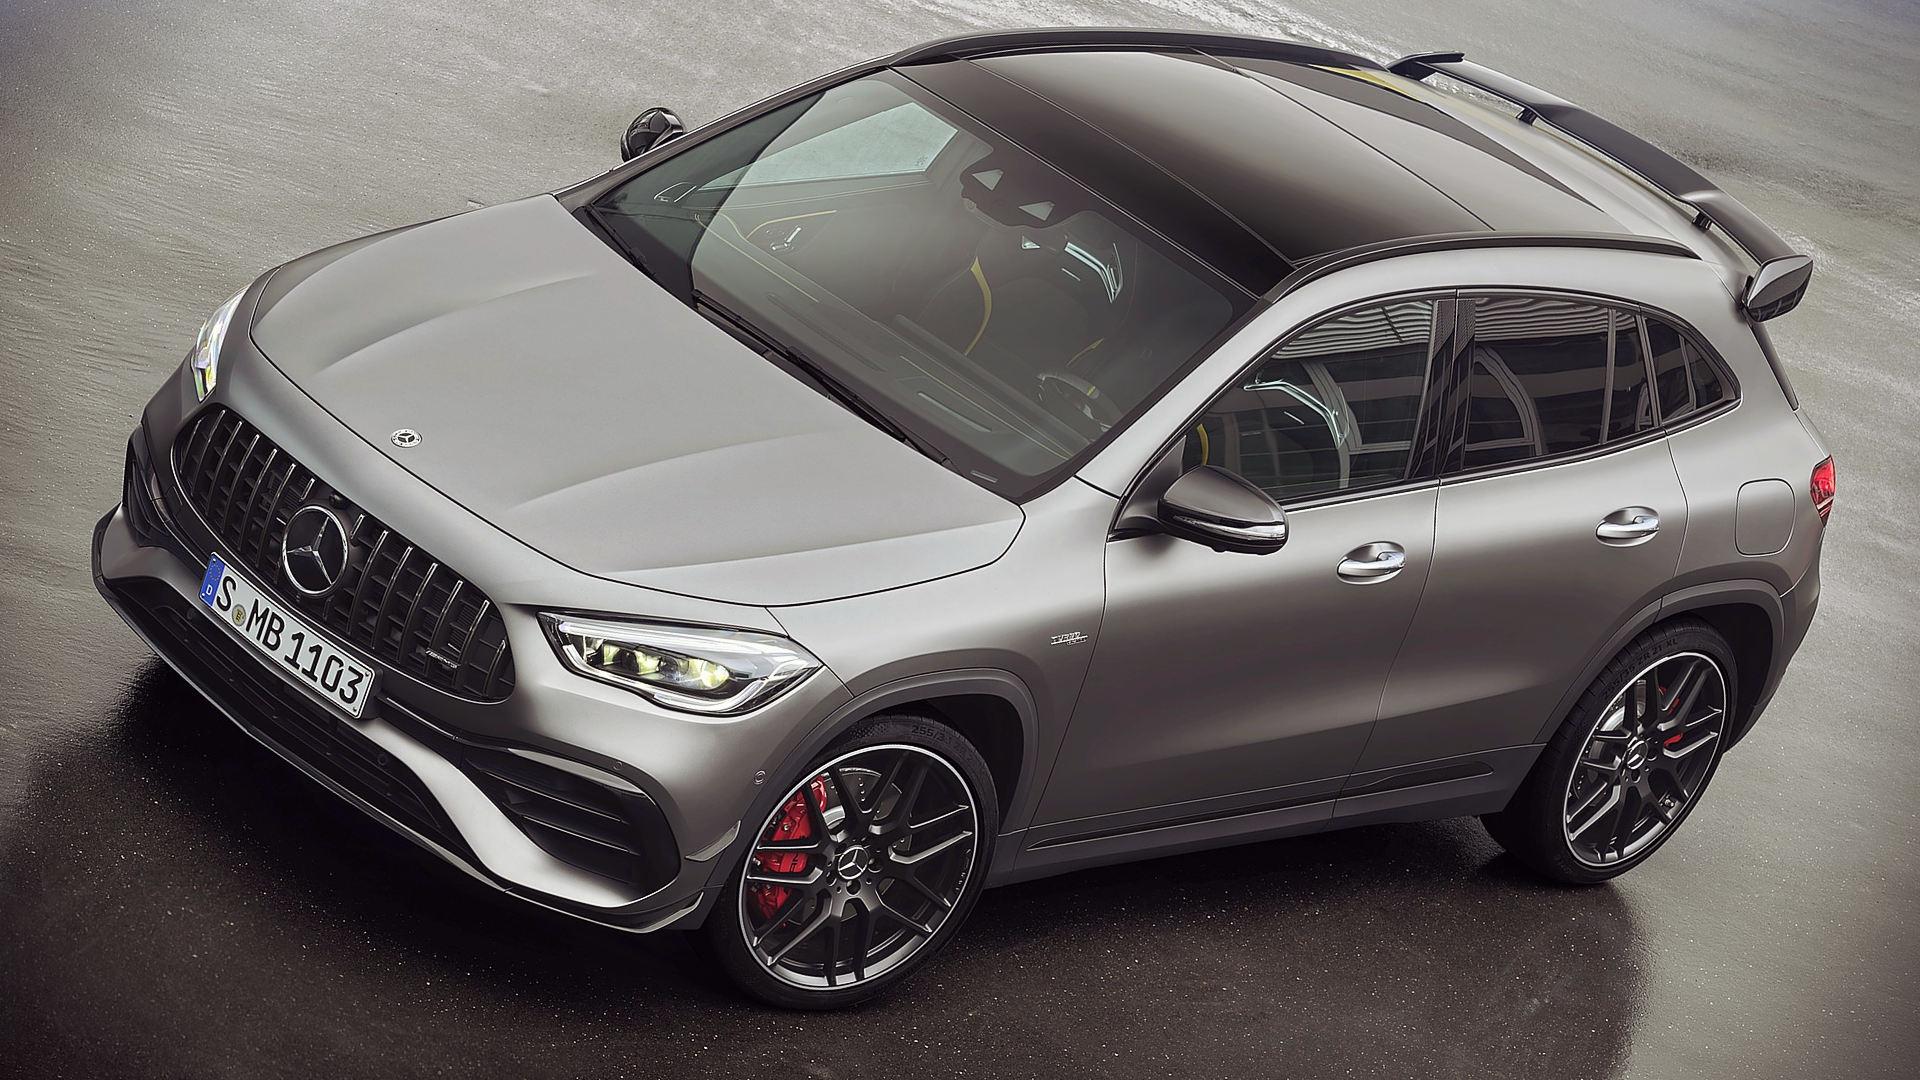 Mercedes GLA 45 AMG 2021 Top Wallpaper